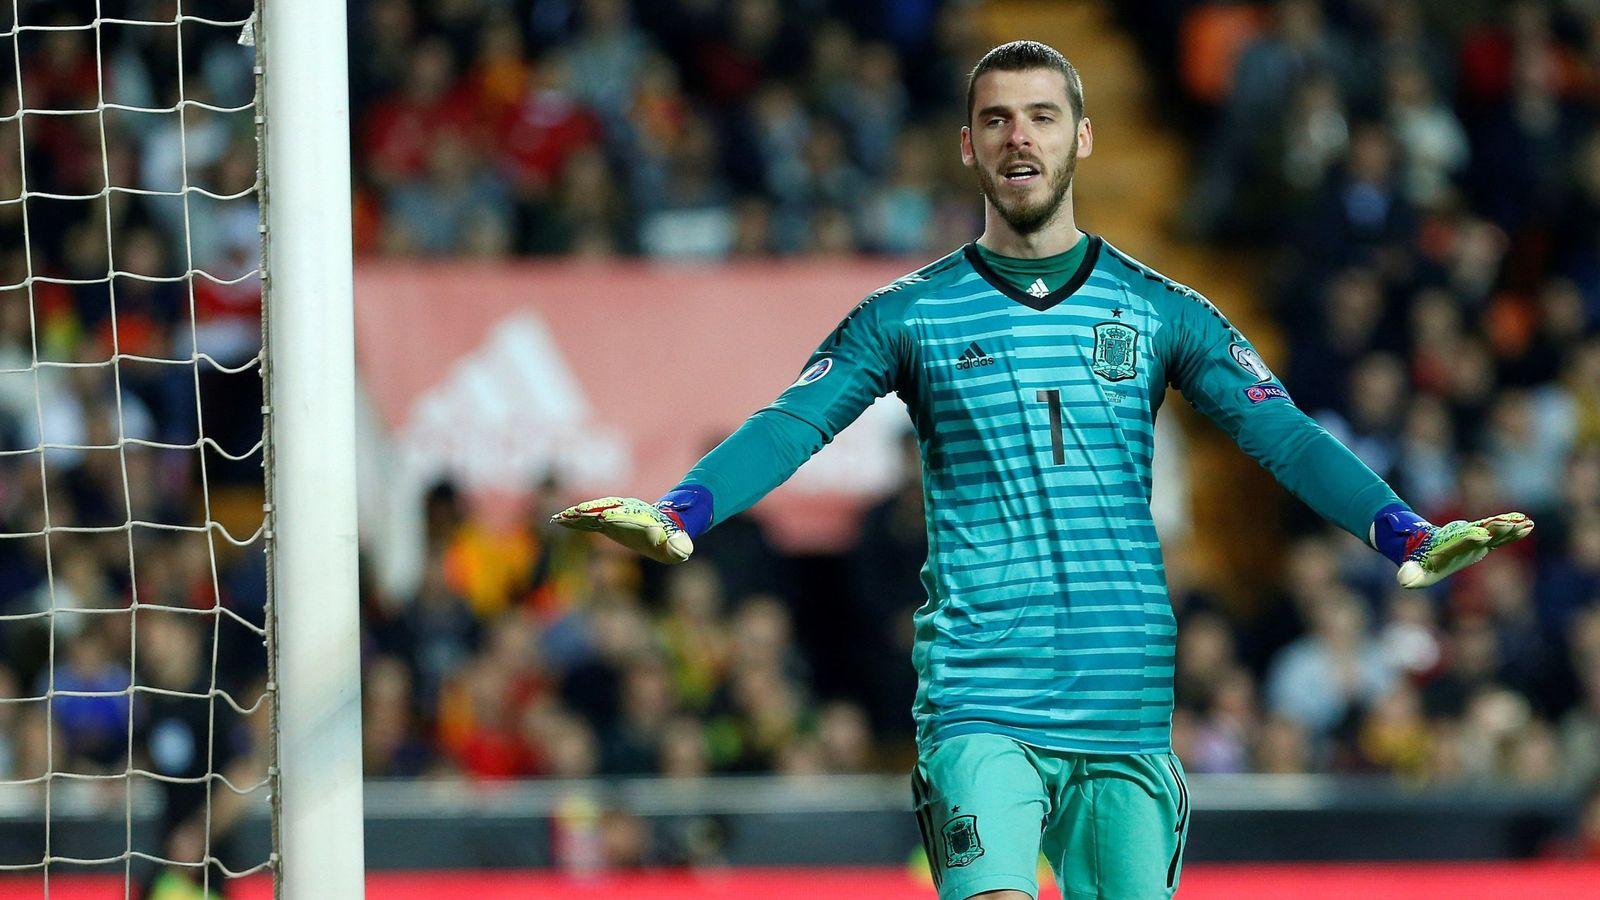 Foto: David de Gea hace un gesto de calma en un partido con la Selección española. (EFE)